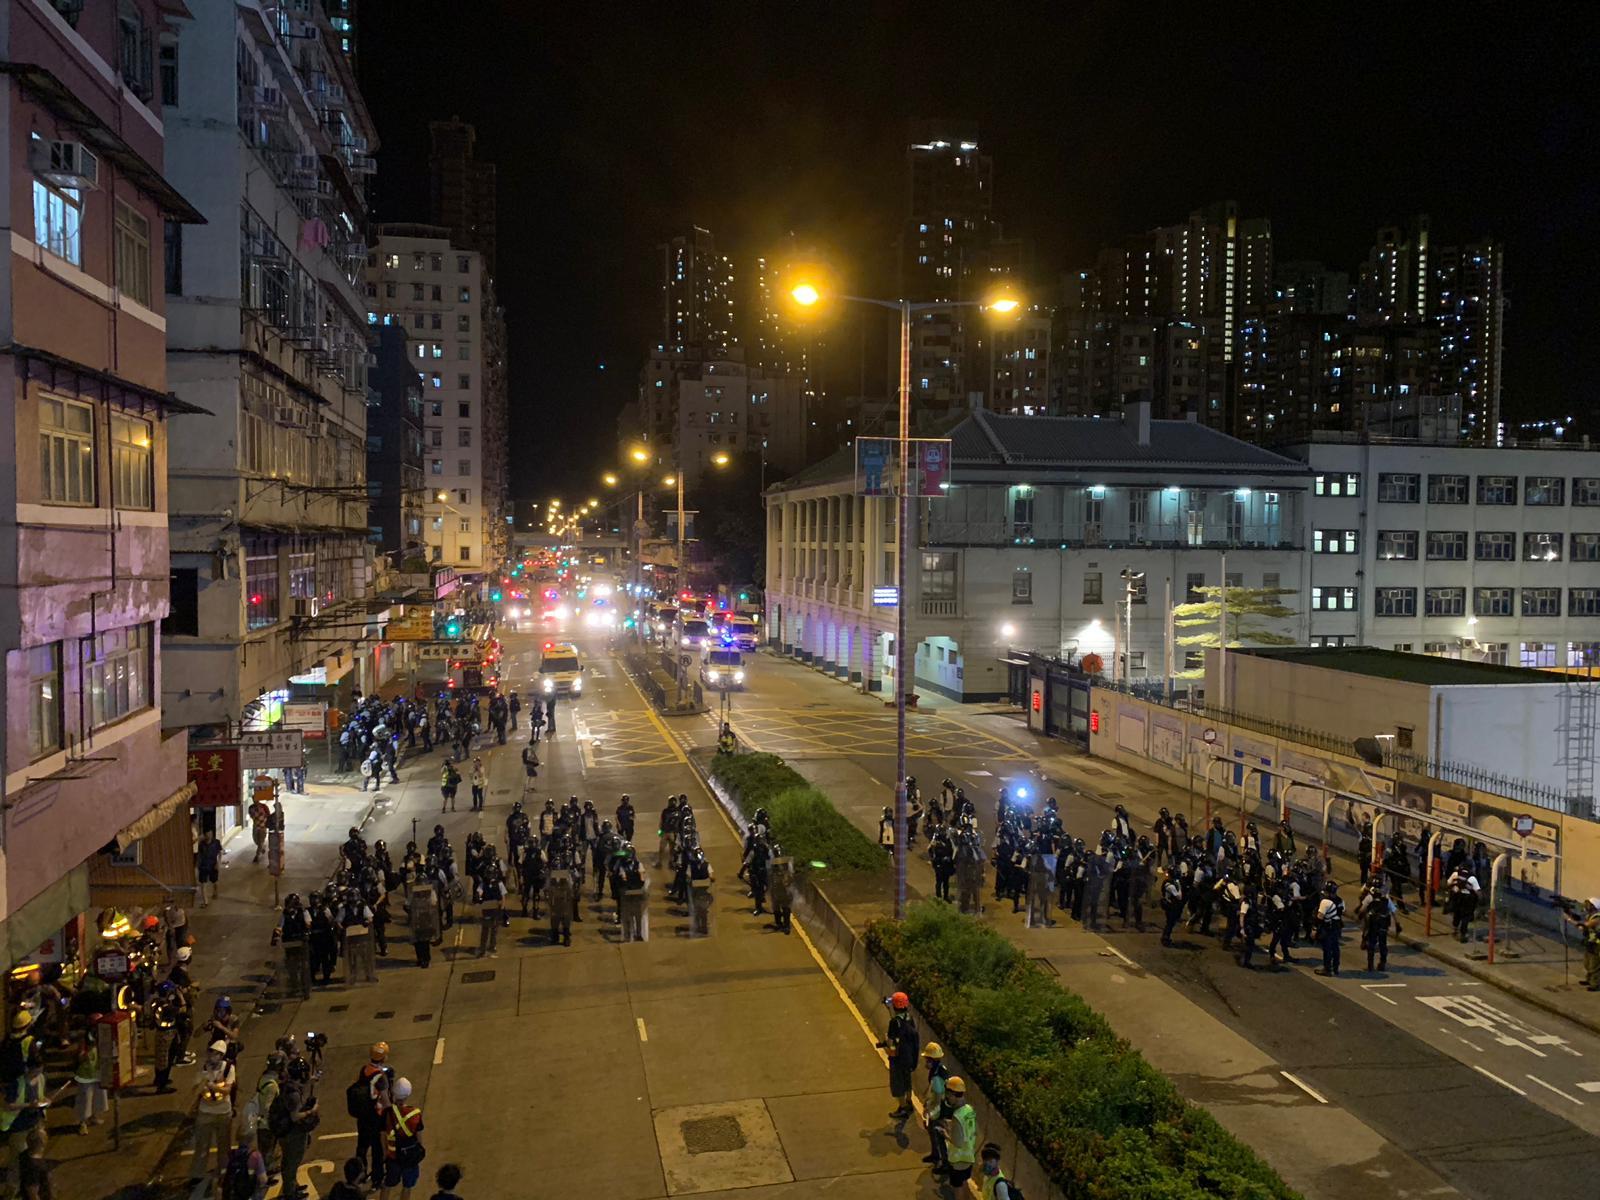 群眾包圍警署,警員增援佈防。